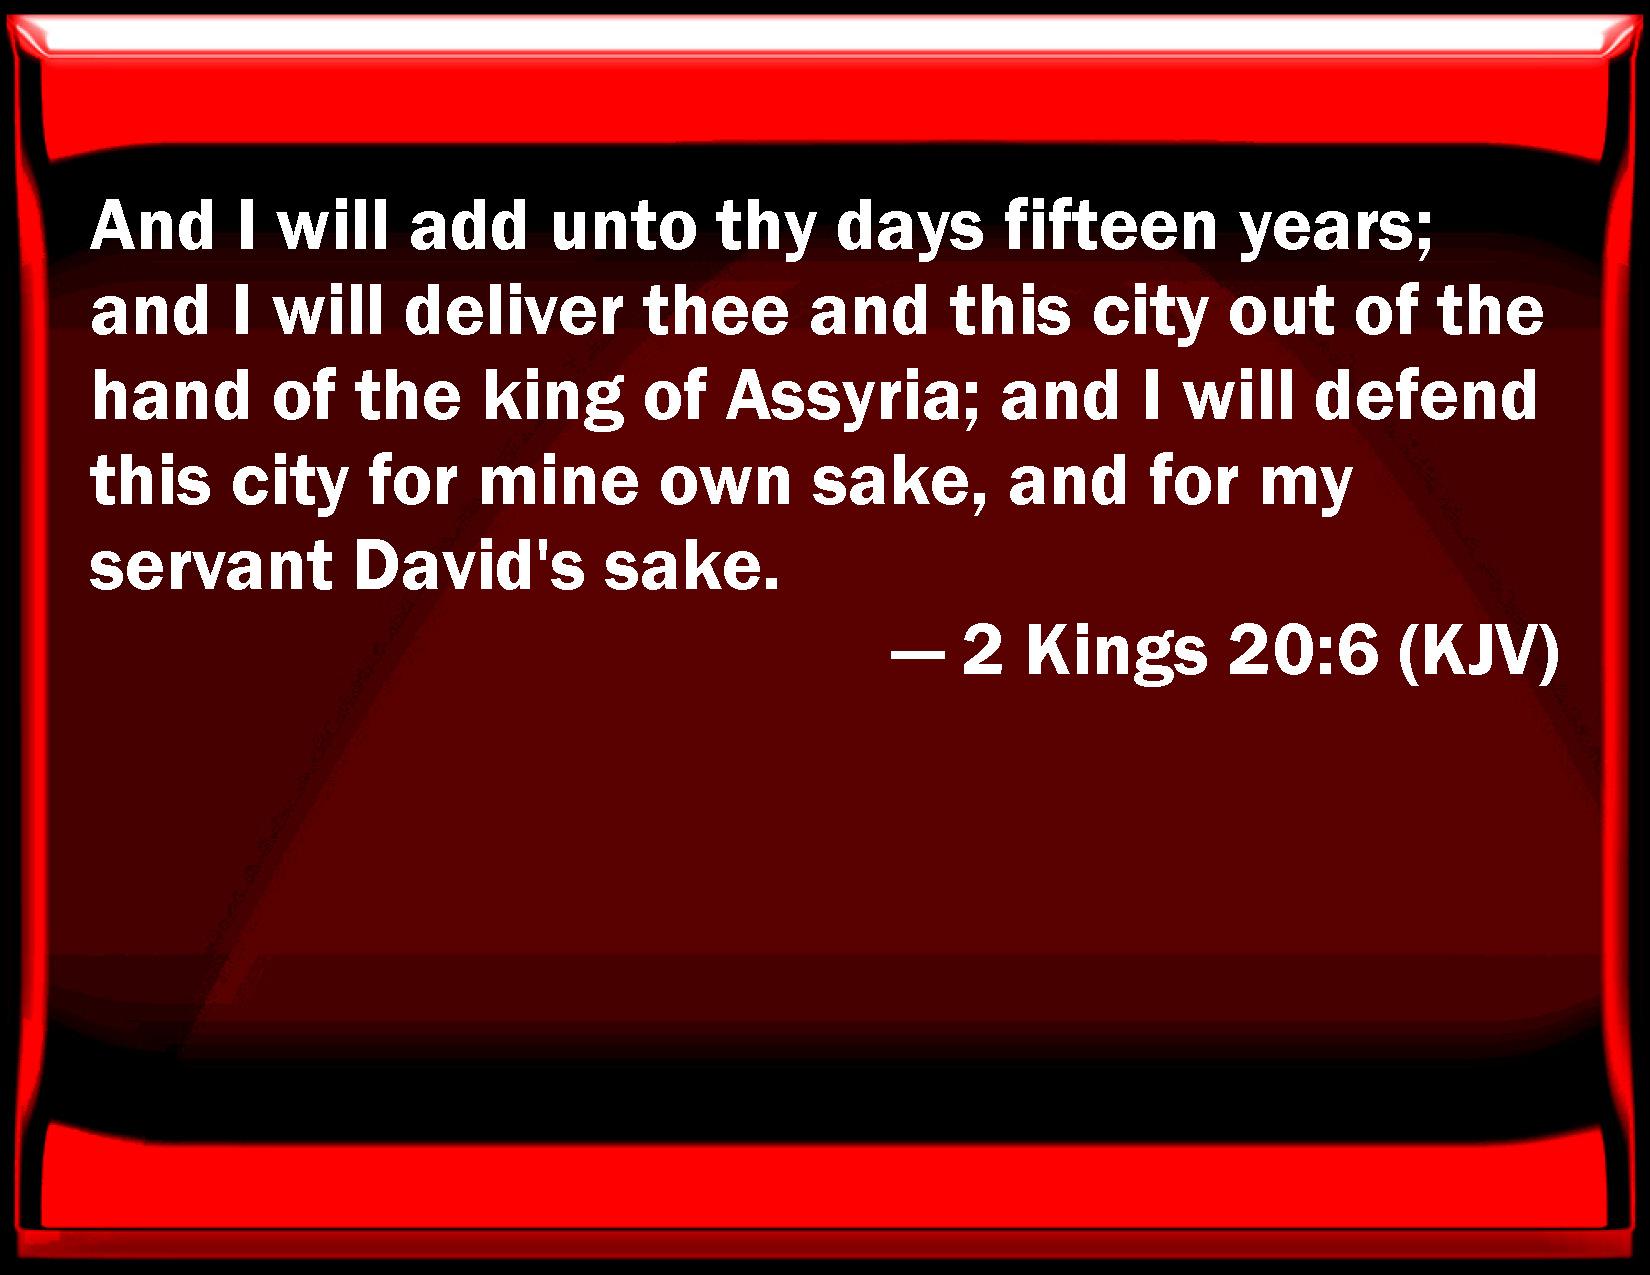 2 Kings 20:6